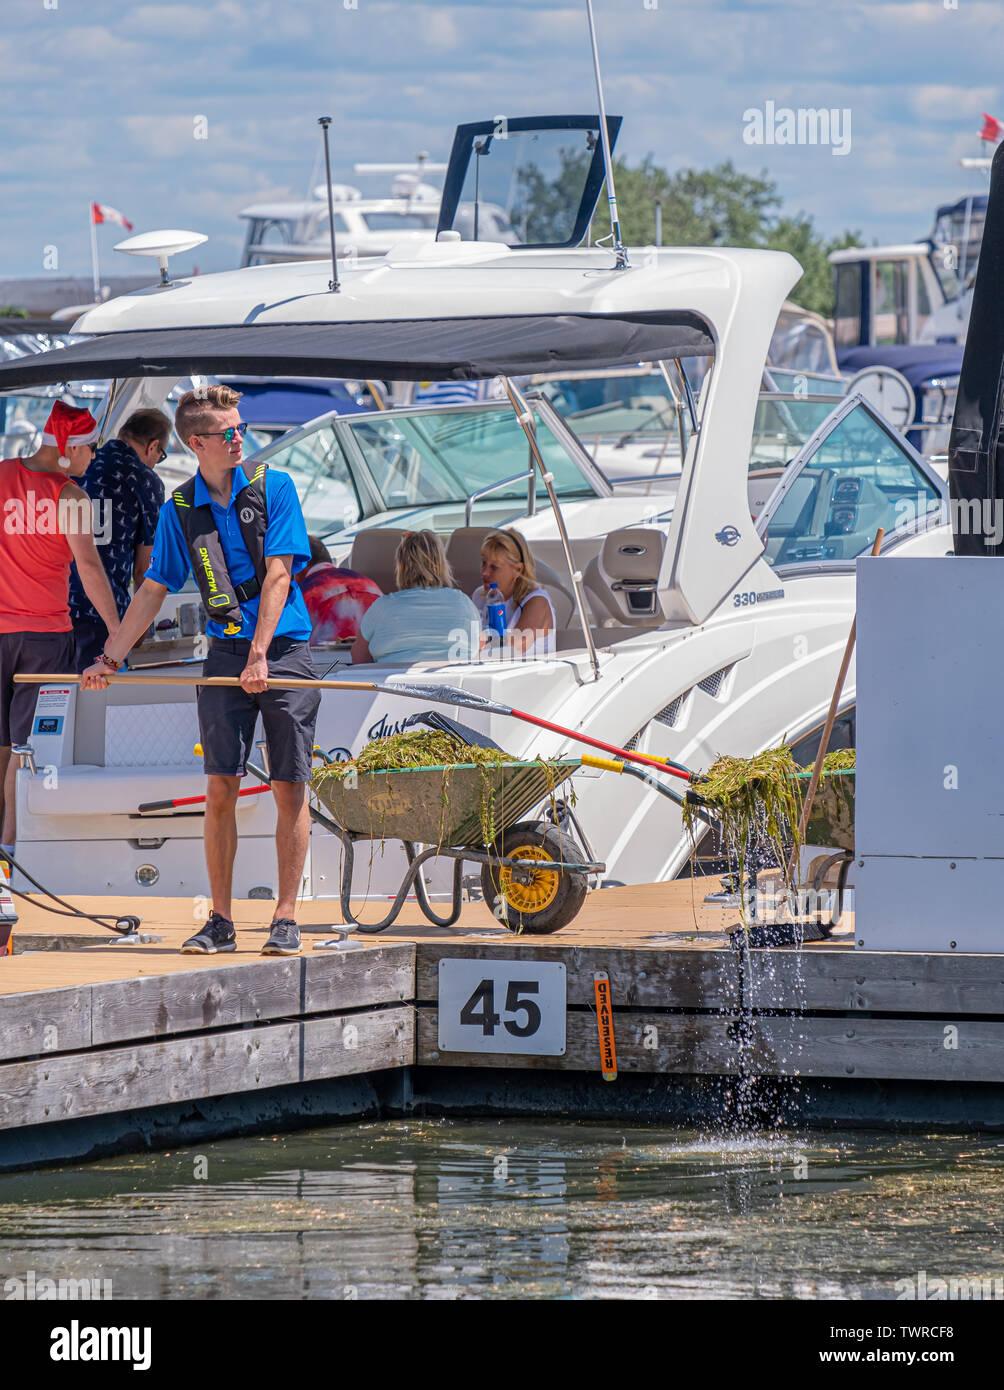 Junge männliche Arbeitnehmer genehmigt Unkraut aus dem Bootsanleger im Hafen von orillia Boot Propeller von Verschmutzung zu verhindern. Stockfoto